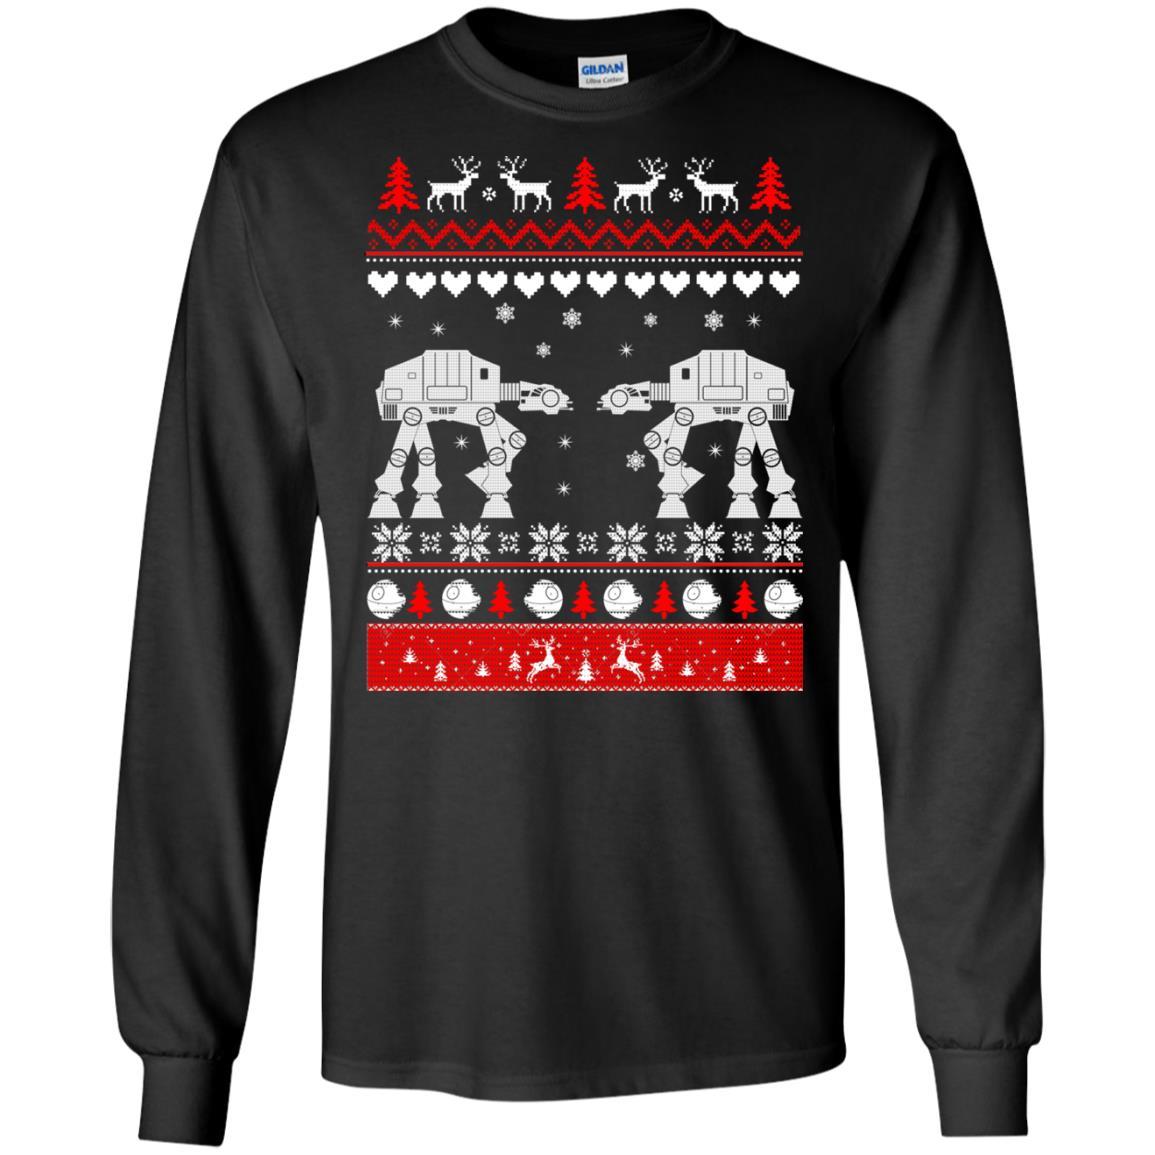 image 1736 - Star Wars AT AT Walker Christmas Sweatshirt, Hoodie